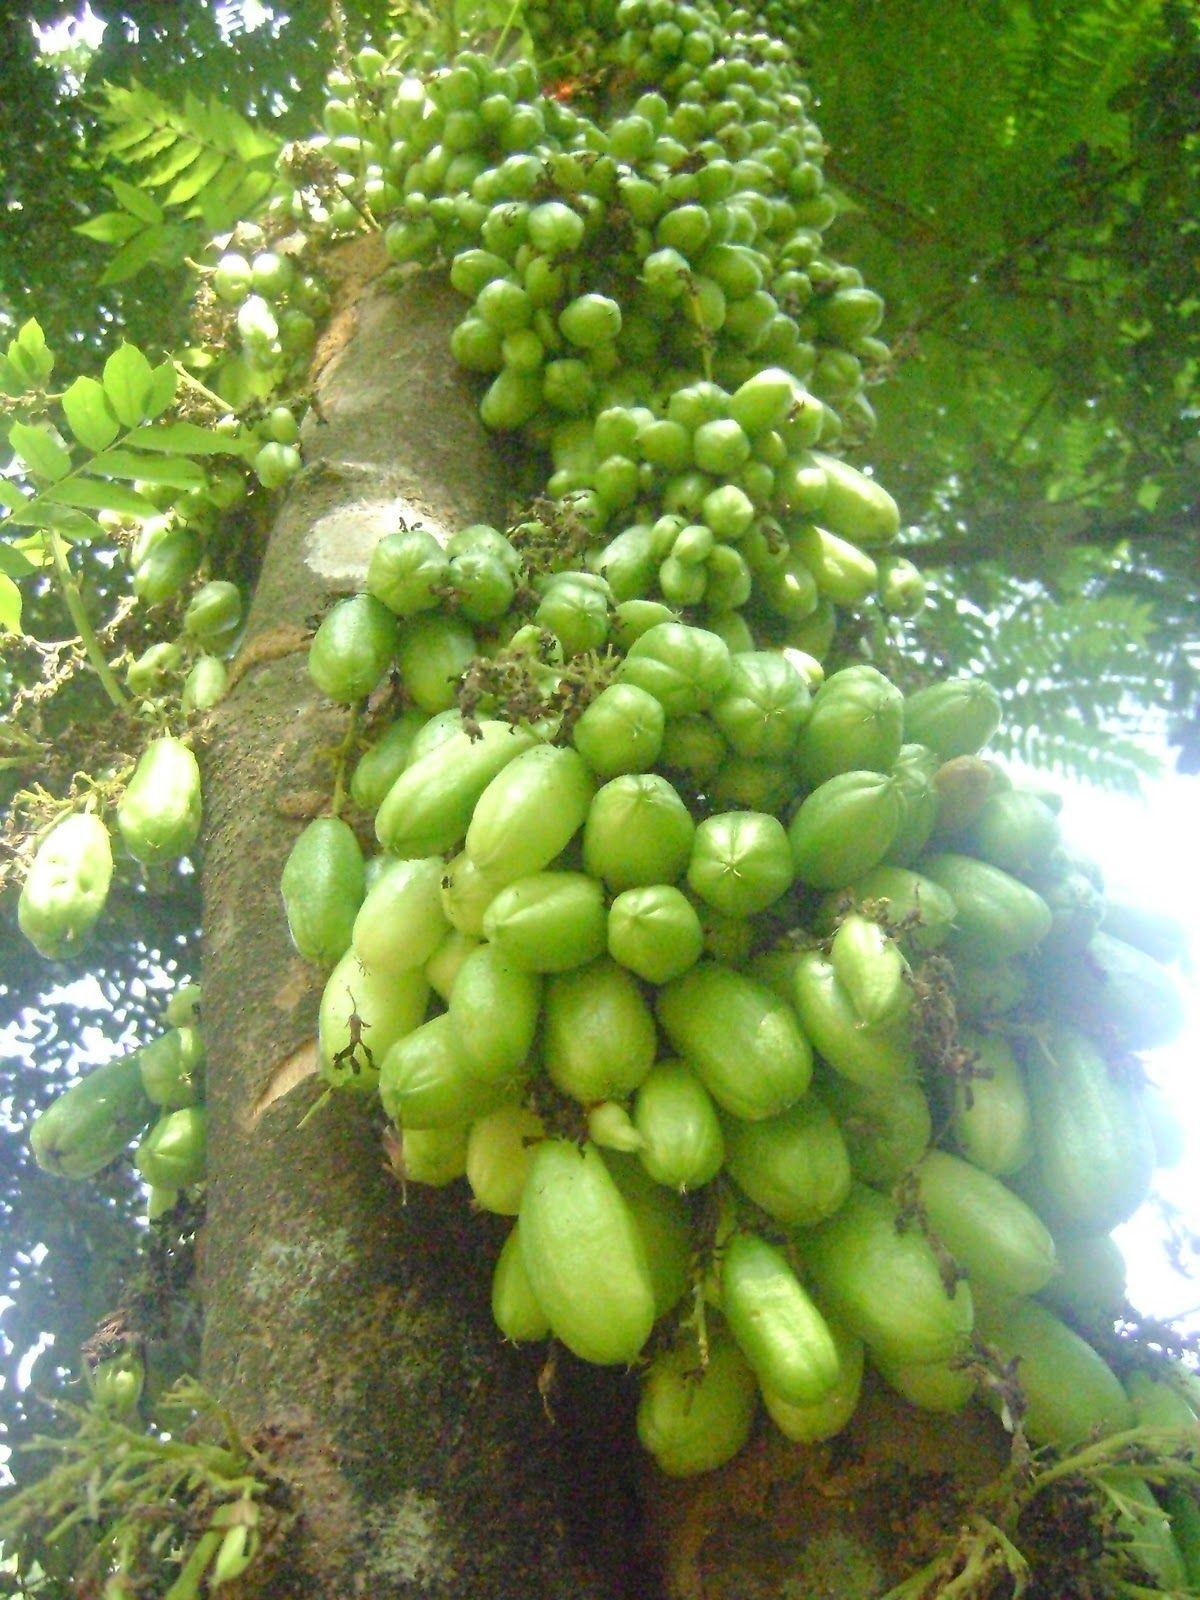 Bilimbi বলমব averrhoa bilimbi fruits of